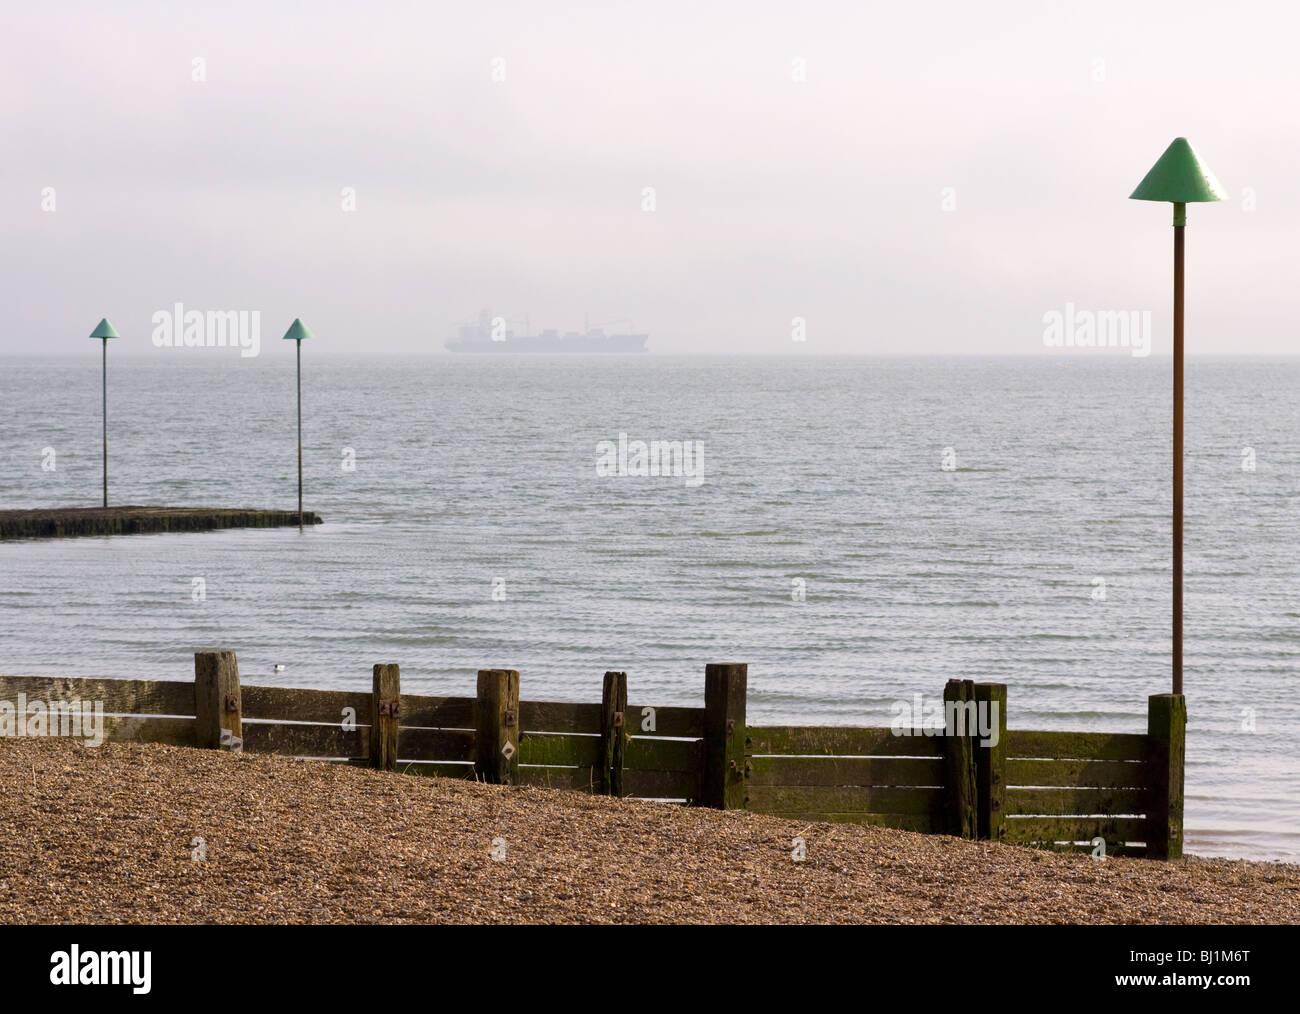 Épi en bois sur la plage à Leigh-on-Sea avec un navire à l'horizon. Leigh-on-Sea, Essex, Angleterre Photo Stock